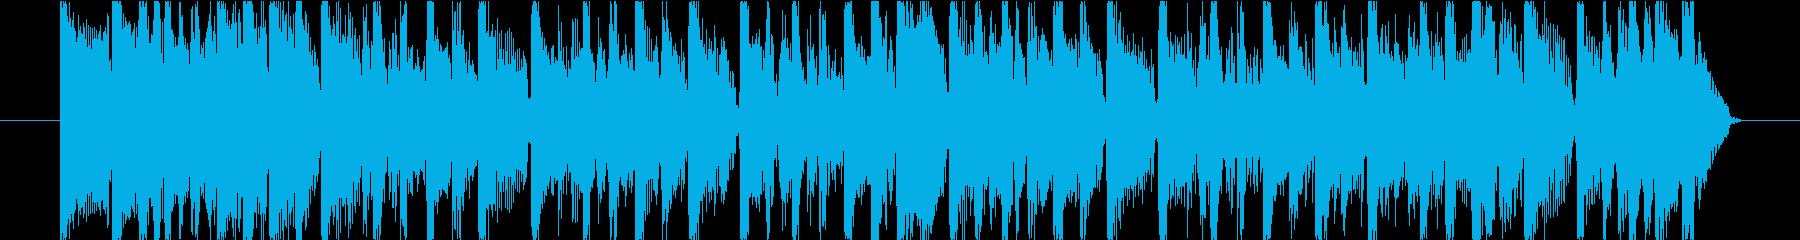 15秒CM向け!ほどよく陽気な楽曲!の再生済みの波形